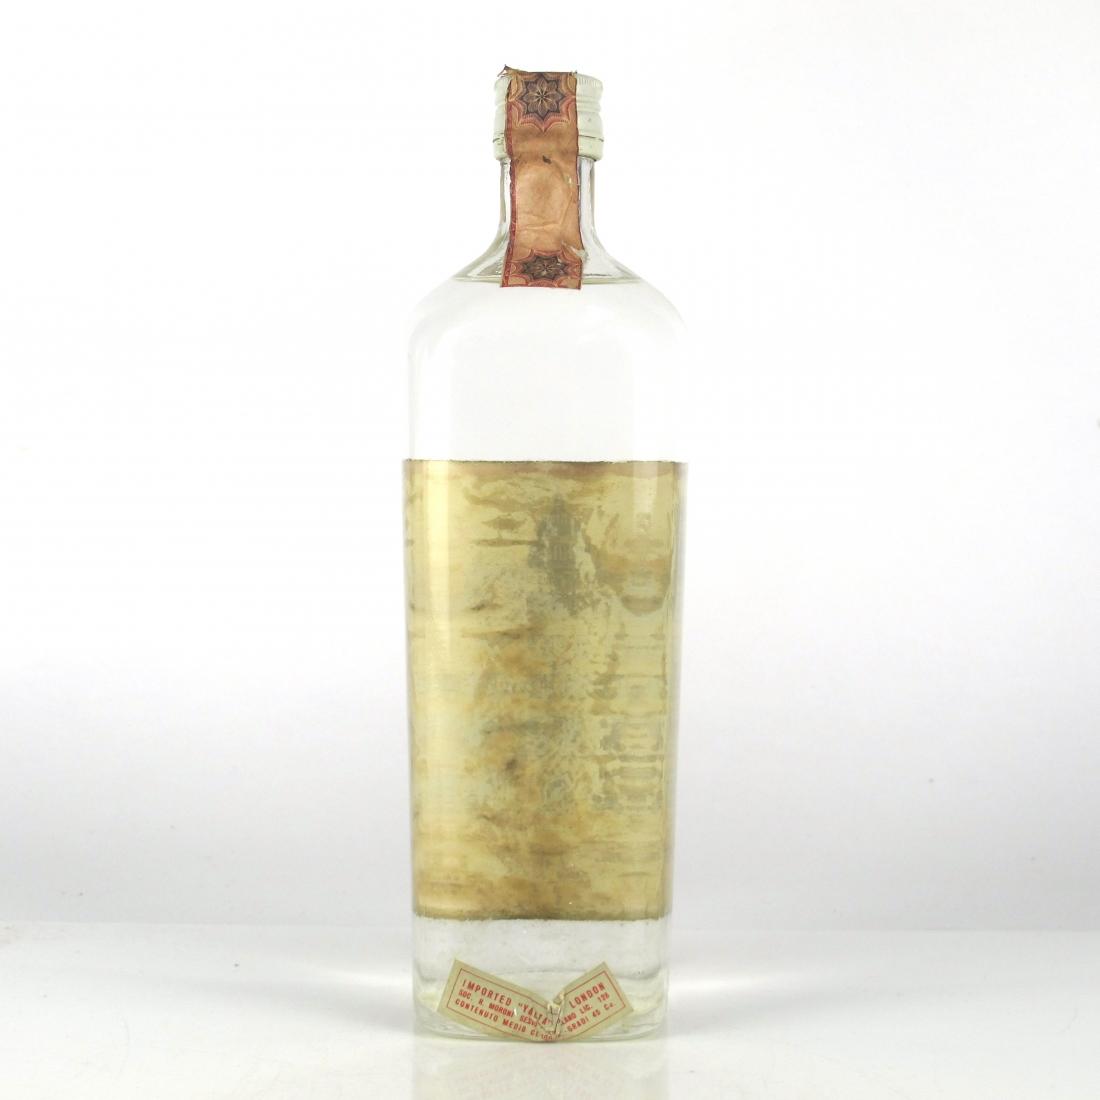 Hamilton City of London Dry Gin 1960/70s